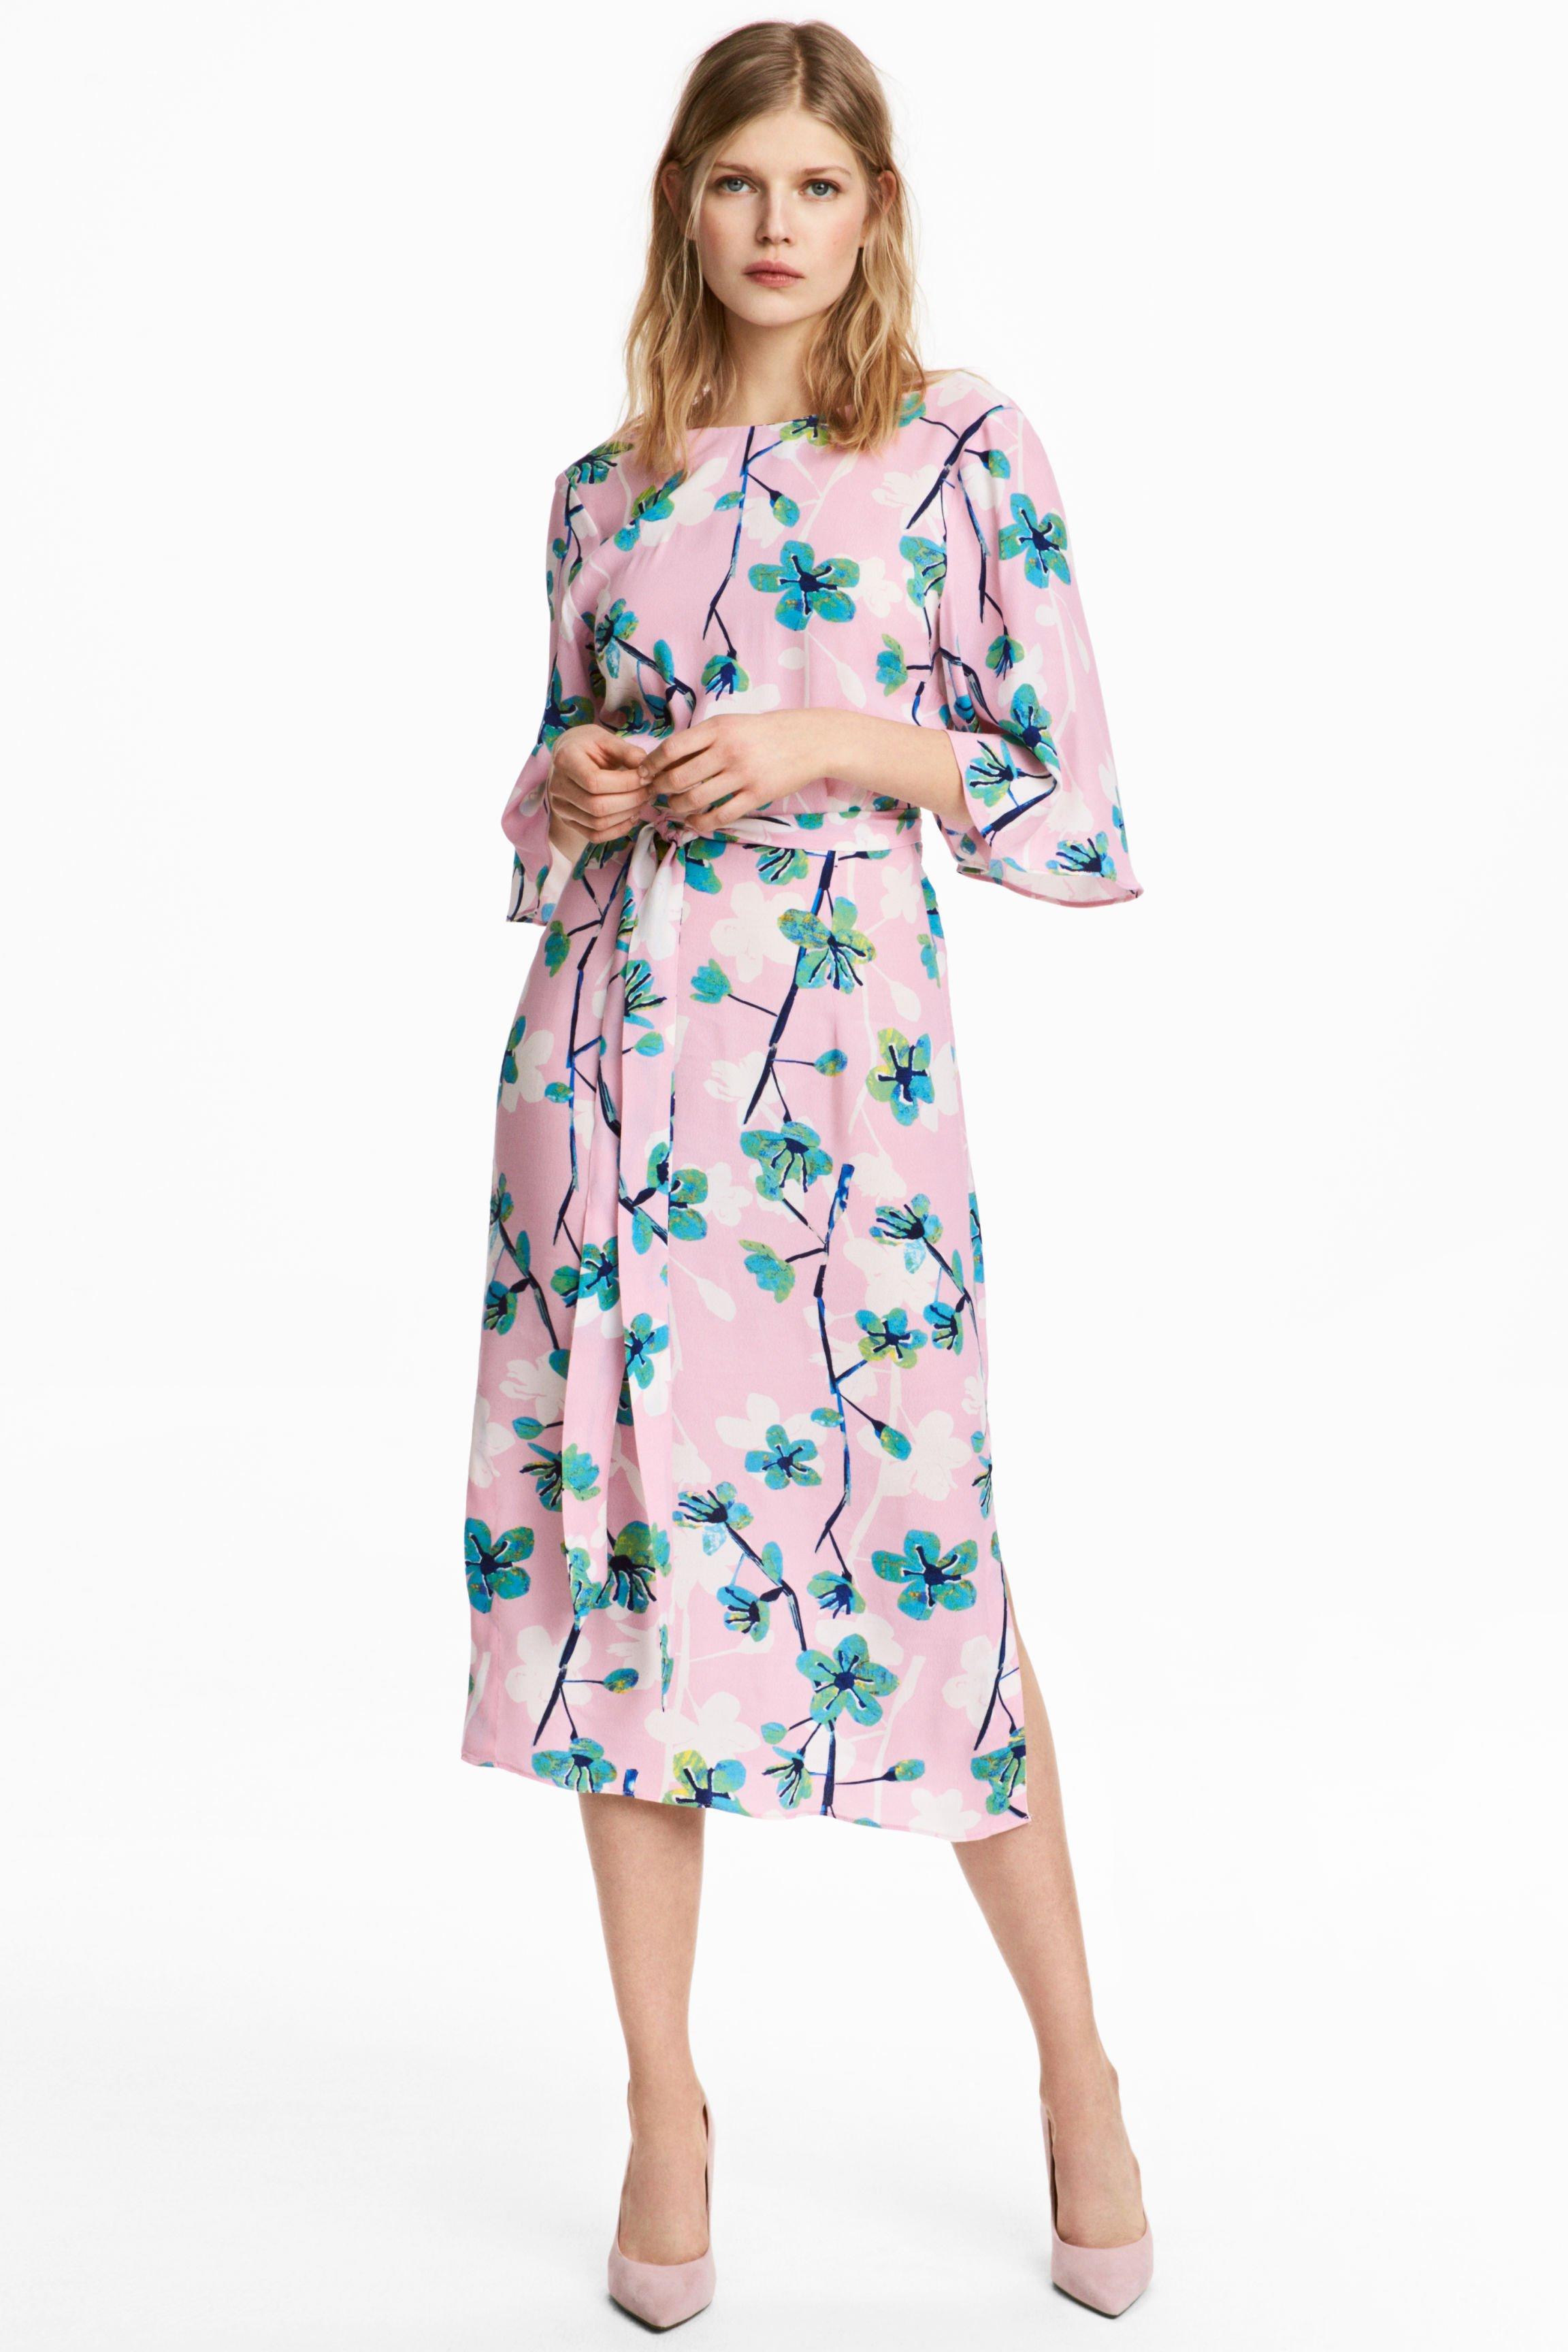 h amp m k floral printed light pink dress we select dresses